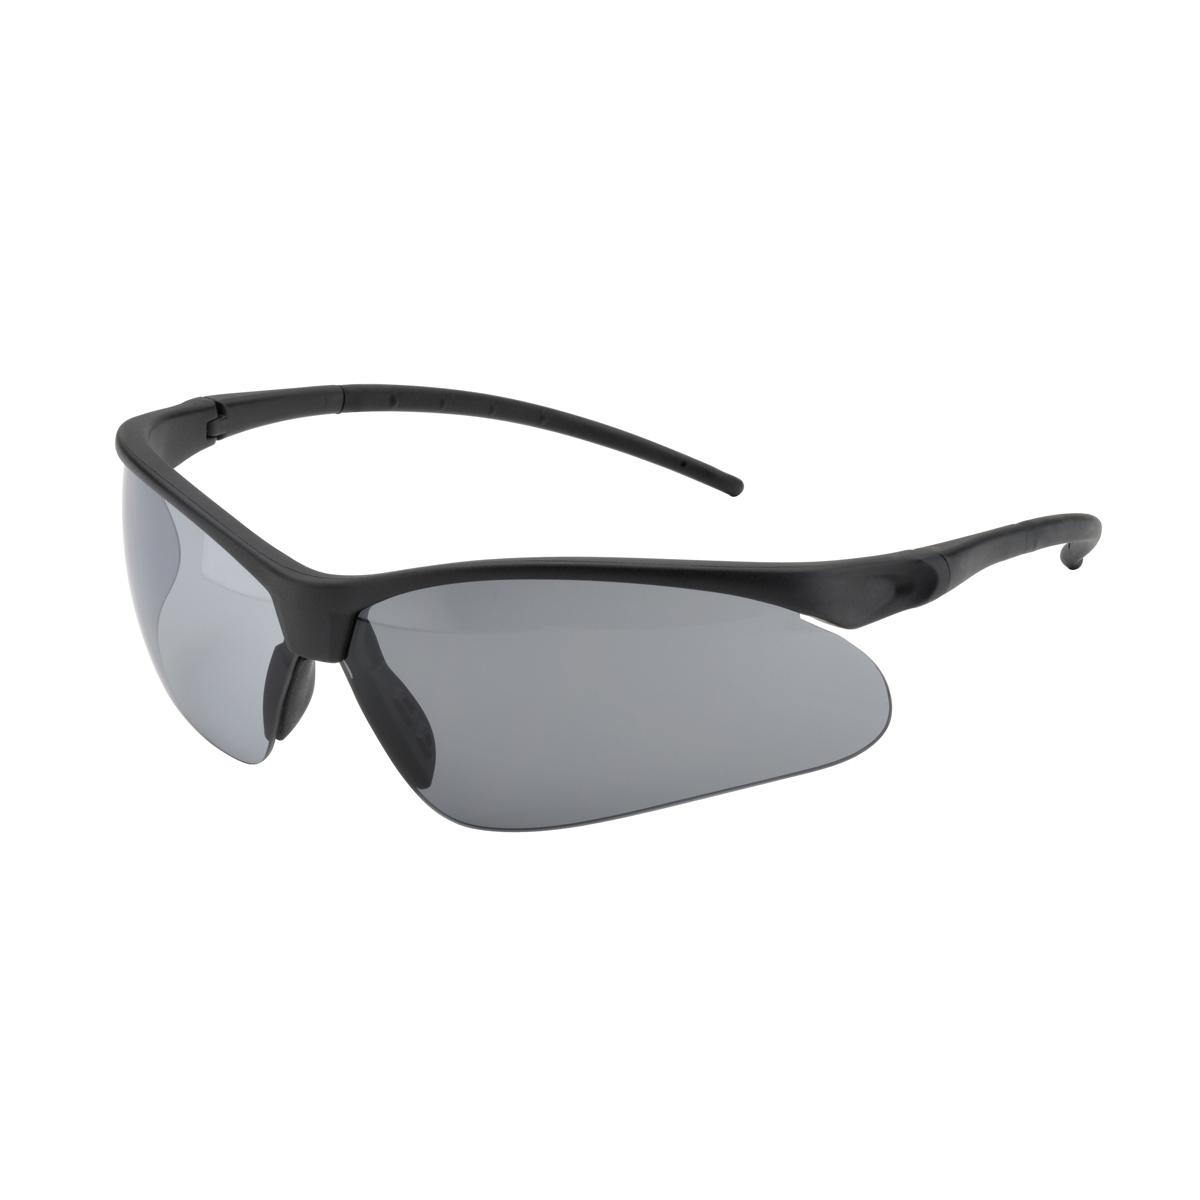 Black Frame Glasses Singapore : Elvex SG-55G Flex-Pro Safety Glasses - Black Frame - Gray ...